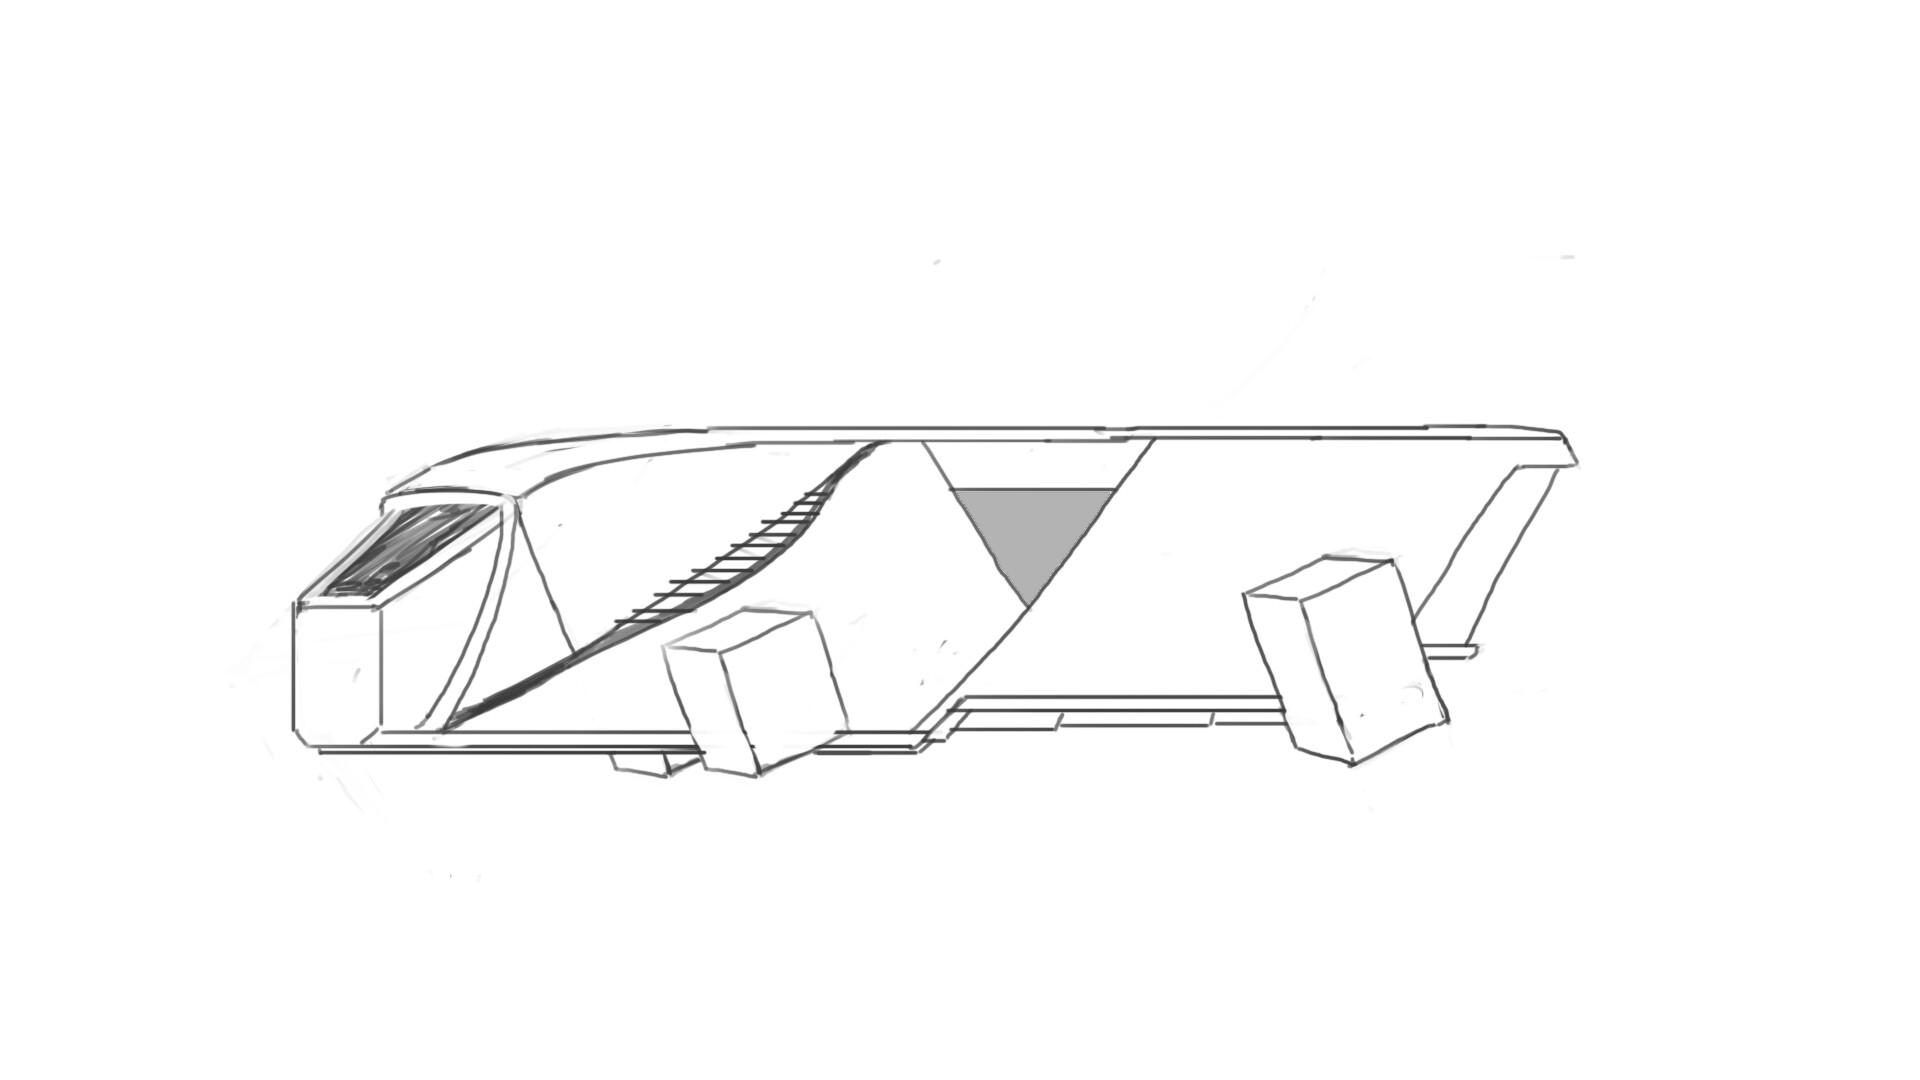 Alexander laheij drawing10 58